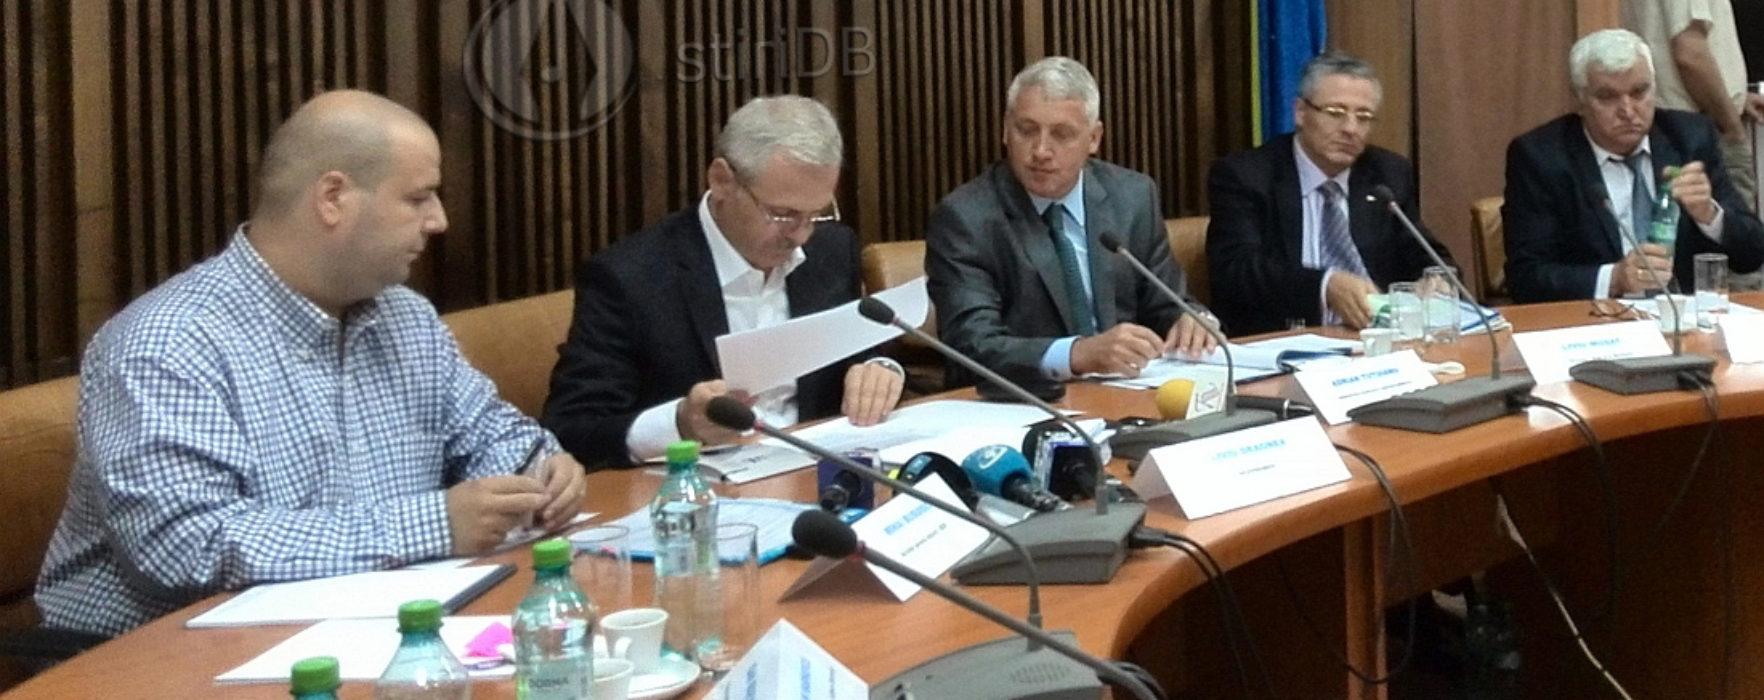 Dragnea, la Târgovişte: Să nu creadă cineva că dacă intră în PSD va primi avantaje